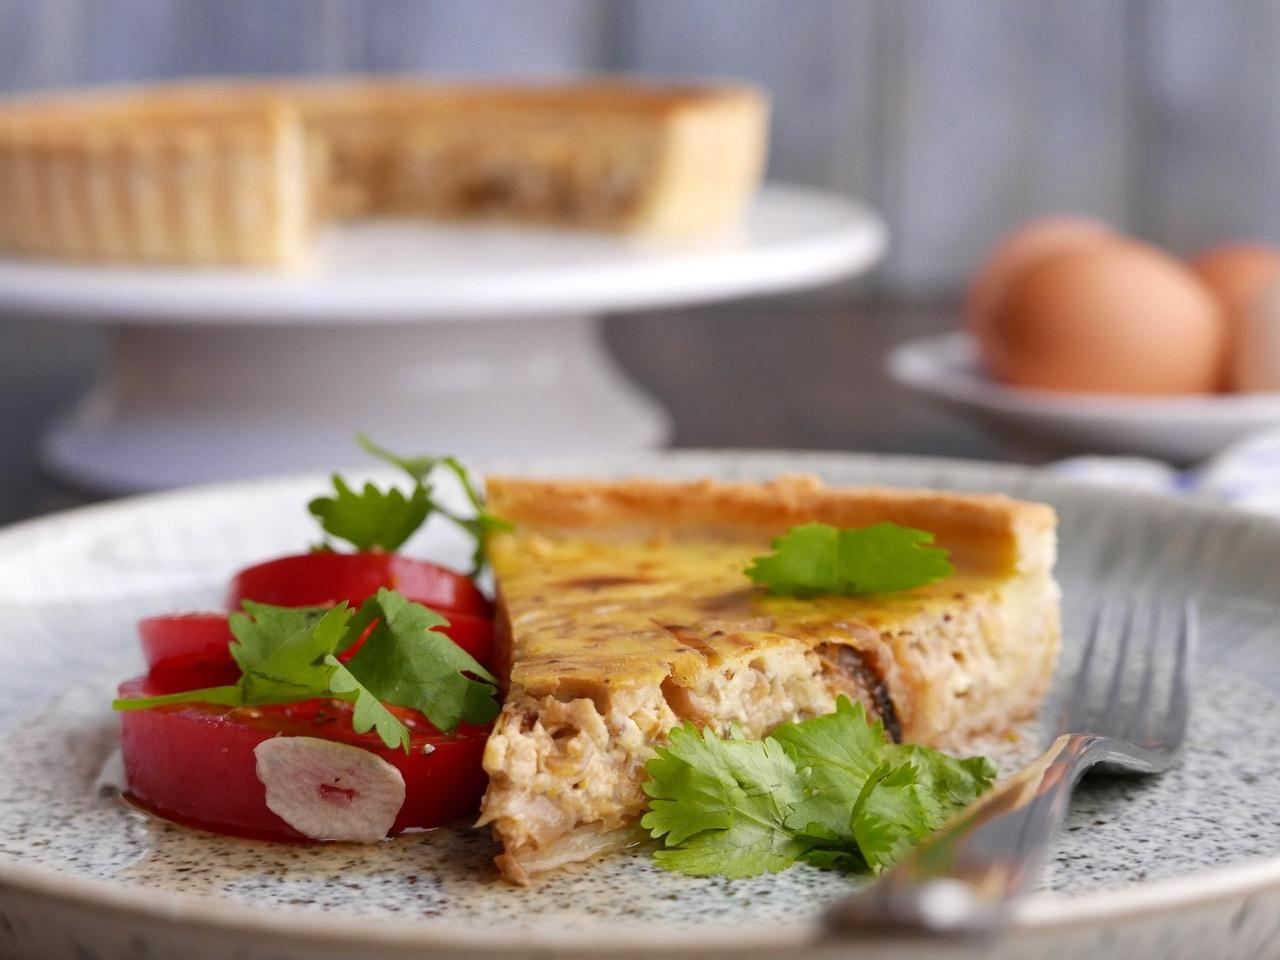 Caramelised Onion and Mustard Tart